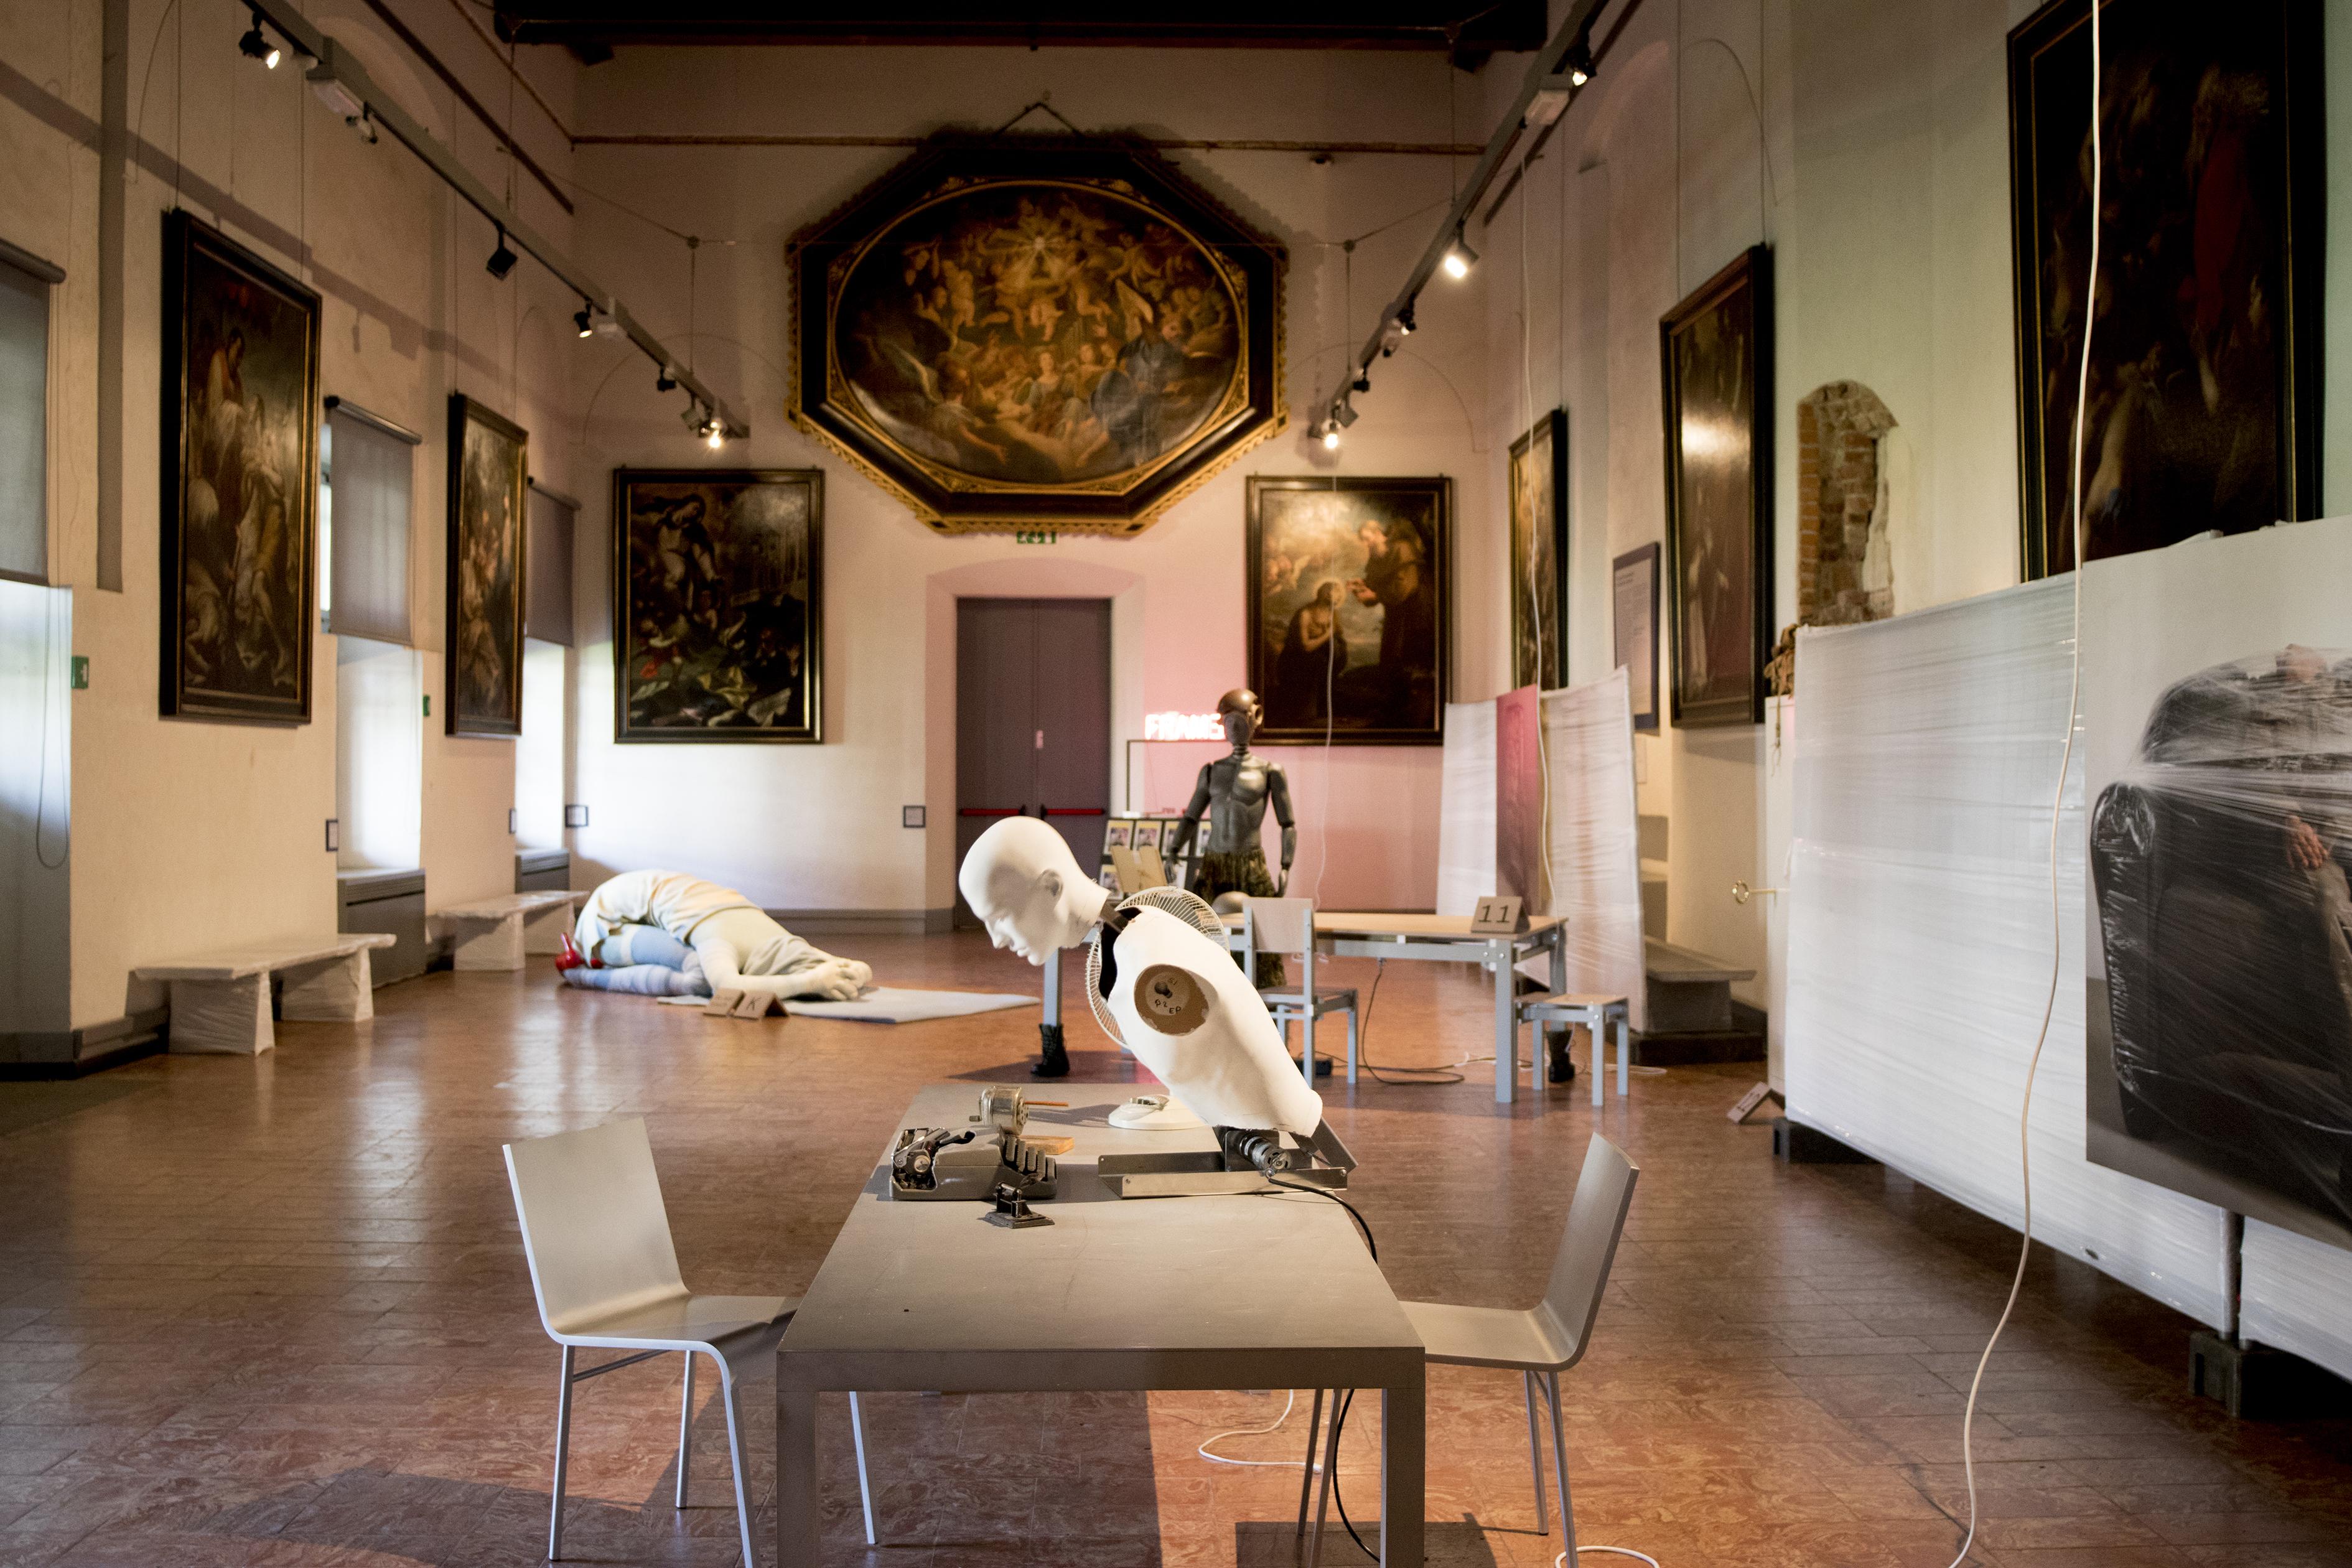 <p>Hans Lensvelt organiseerde dit jaar voor het eerste de presentatie &#8216;Nothing New&#8217; in Museo Diocesano, met een mix van meubels van Joep van Lieshout en anderen uit de Lensvelt collectie. Beeld Cheryl Schurgers</p>